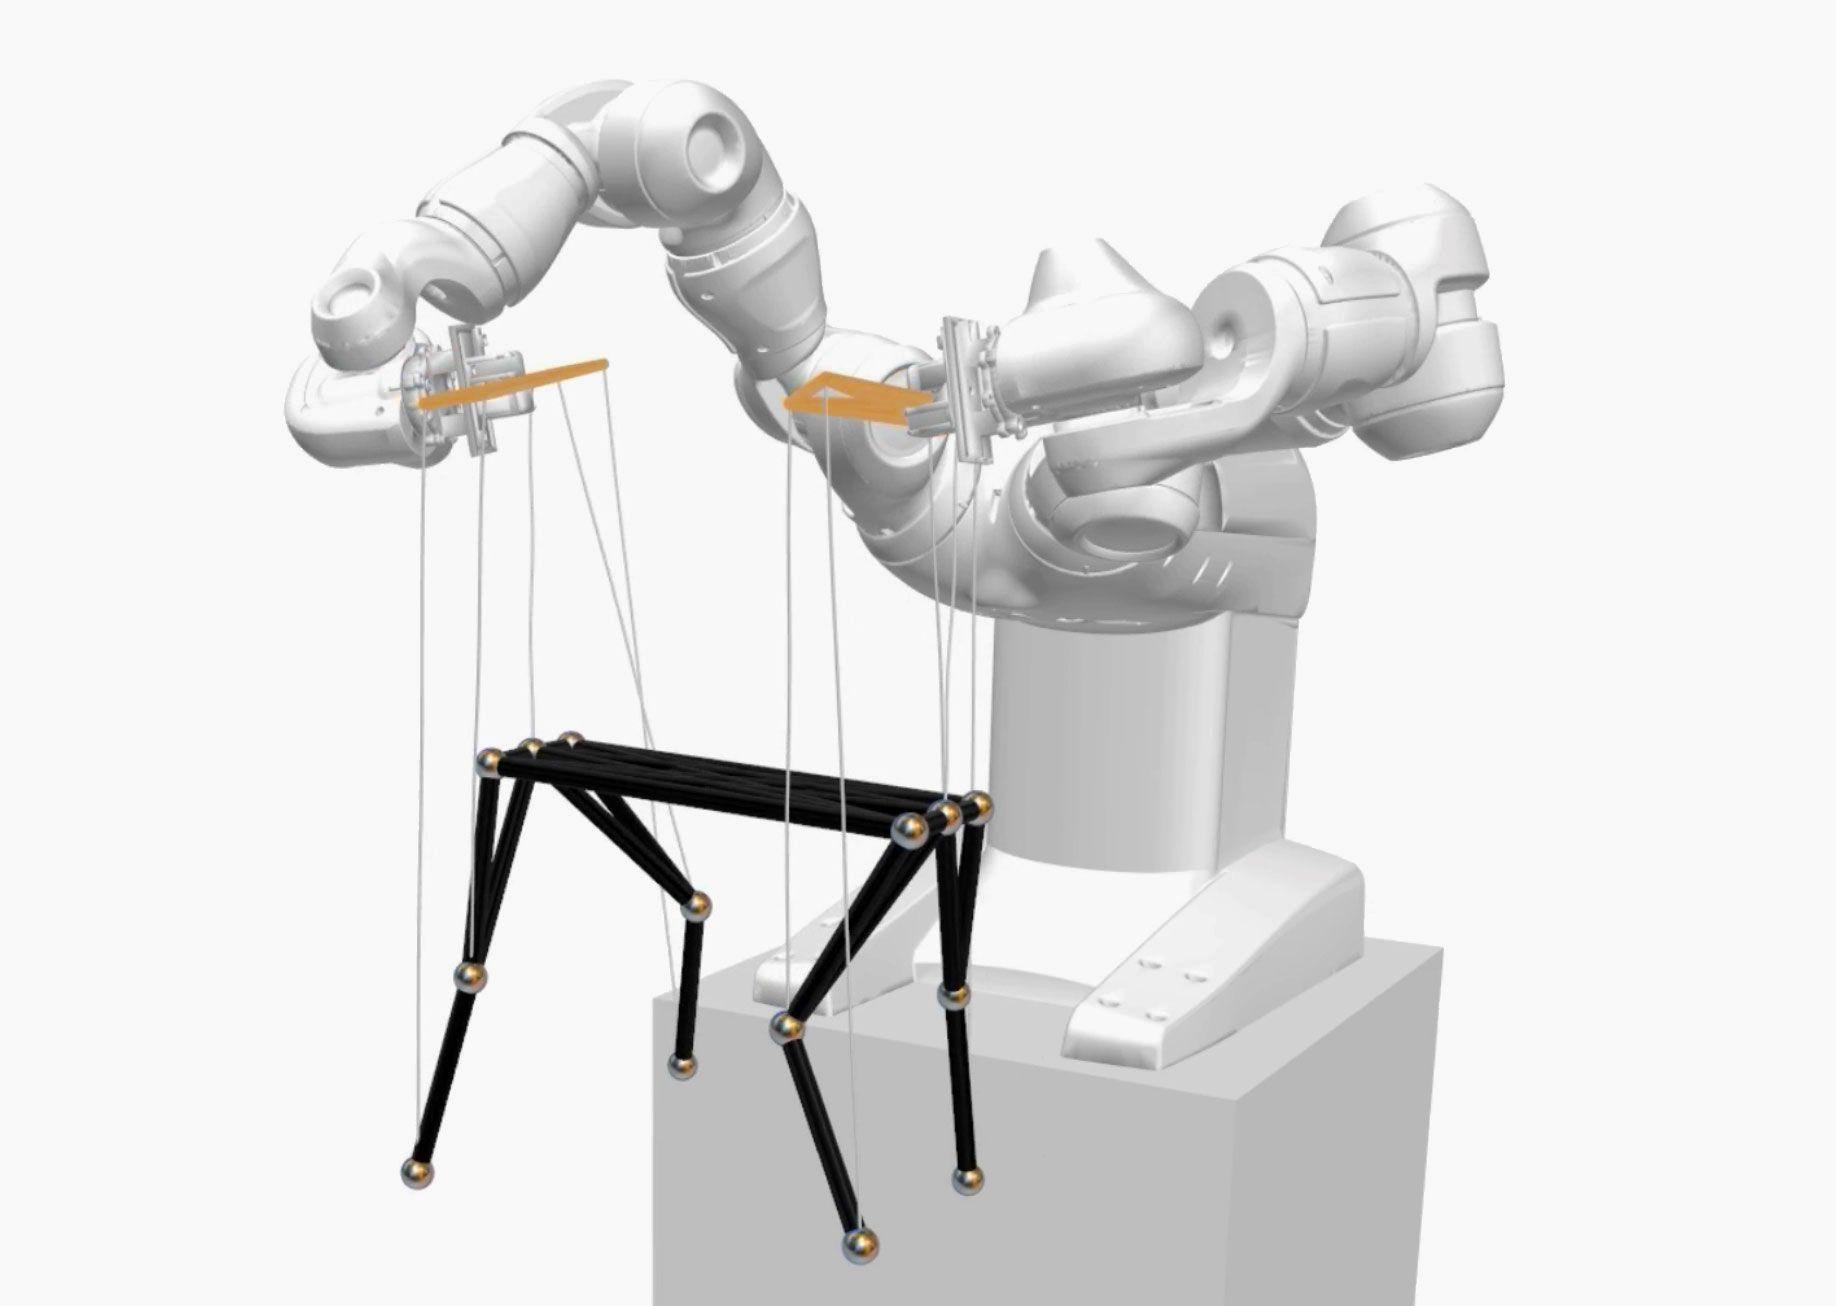 ETH Zurich Demonstrates PuppetMaster Robot